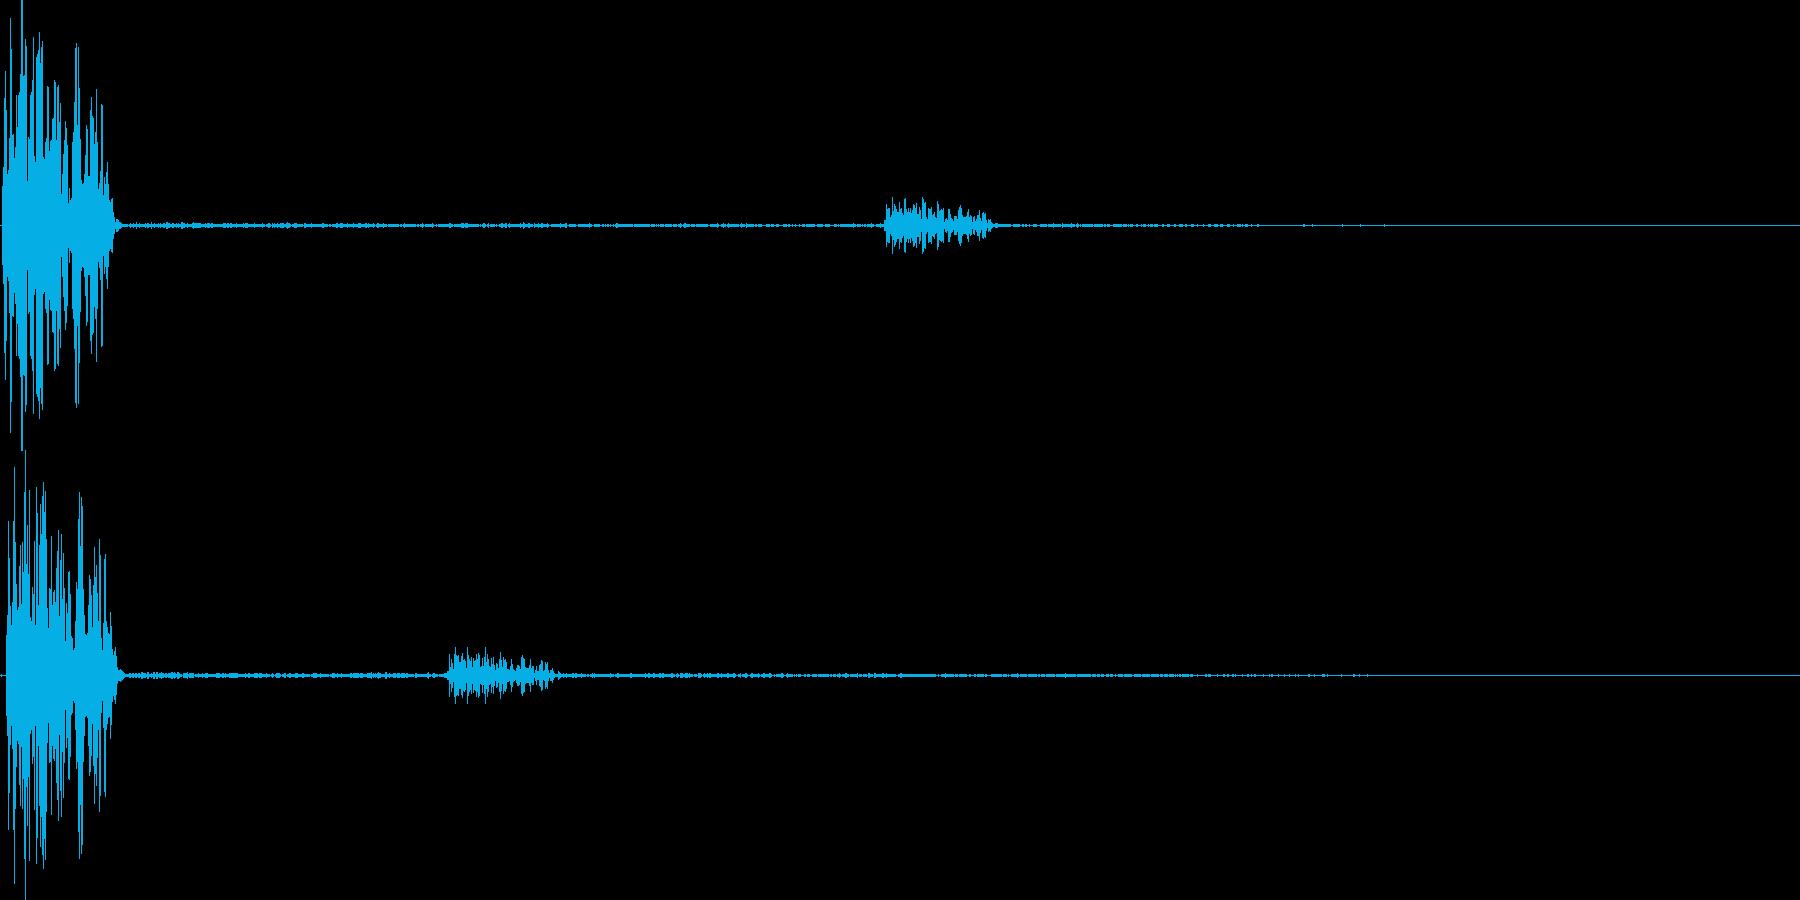 デュオ(キャンセル、間違い、バツ)の再生済みの波形